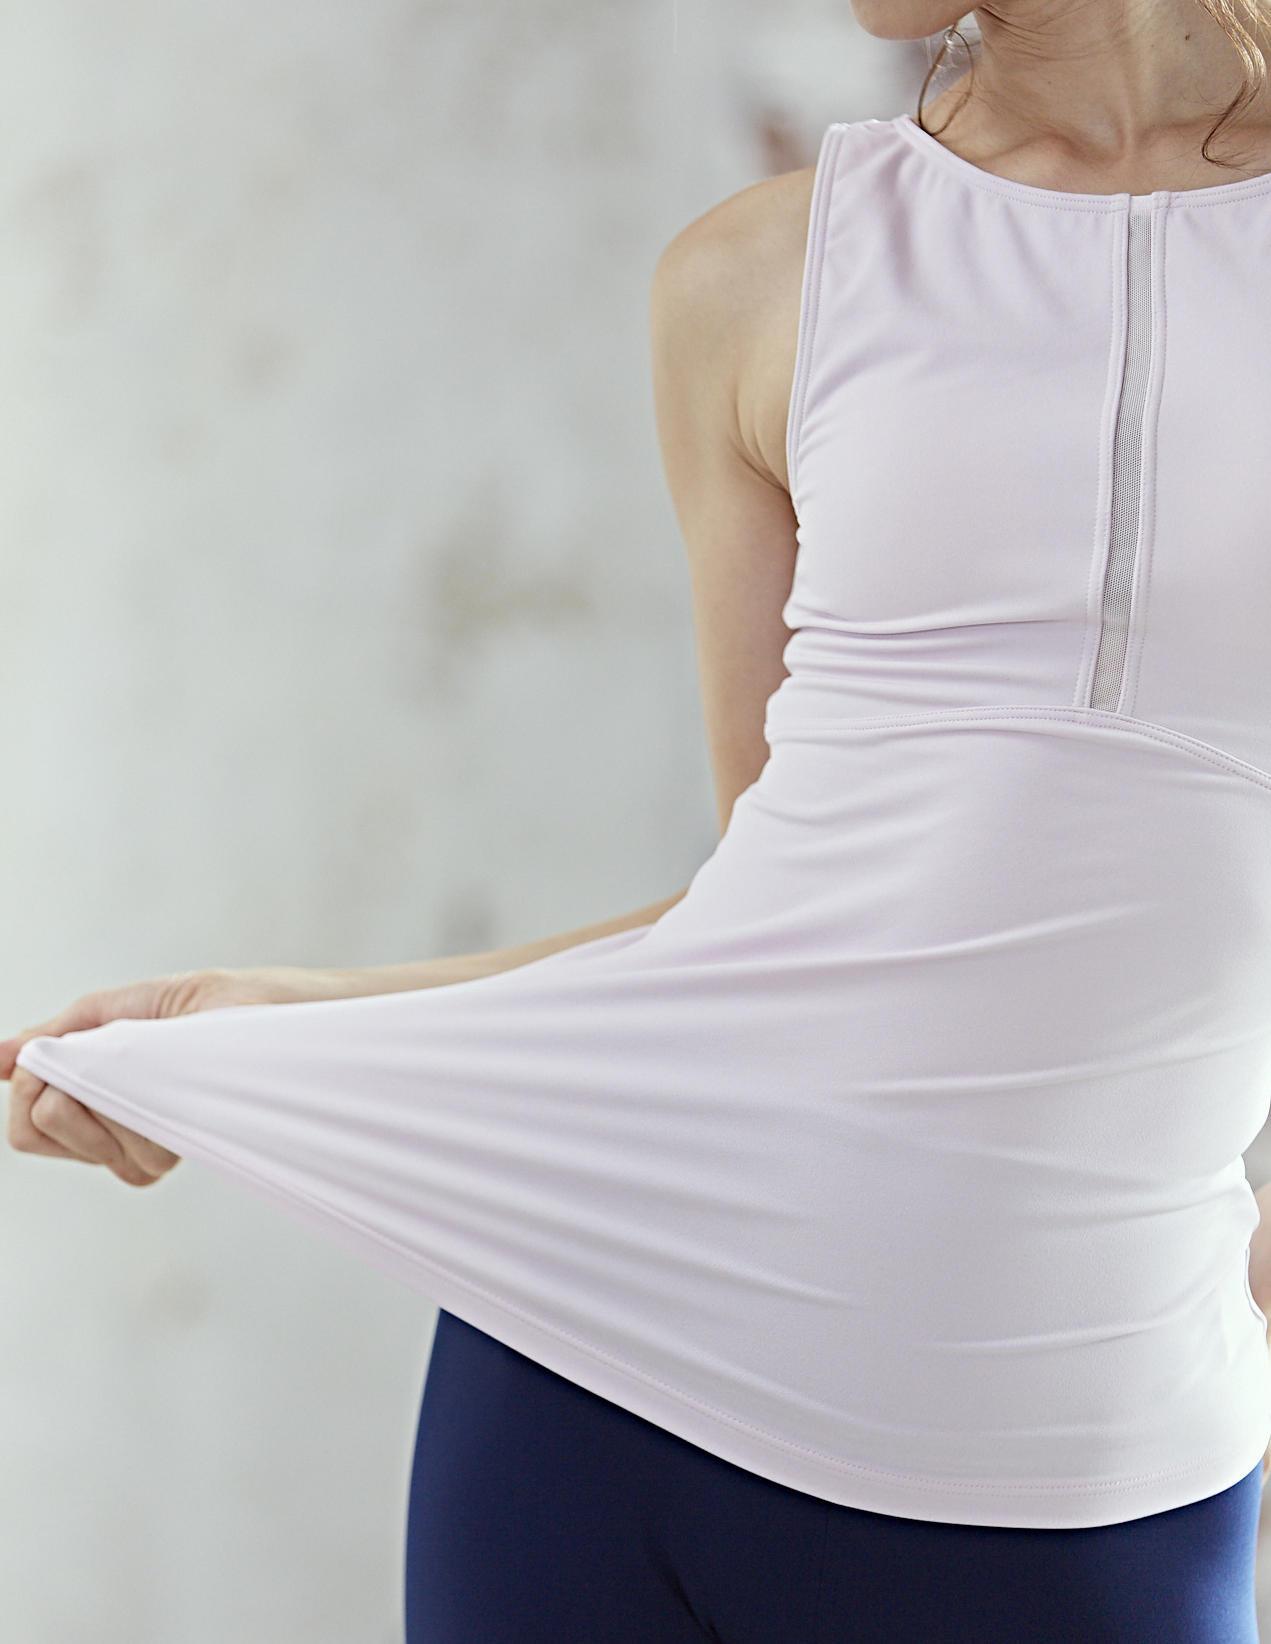 0130_leotard_yoga_00.jpg